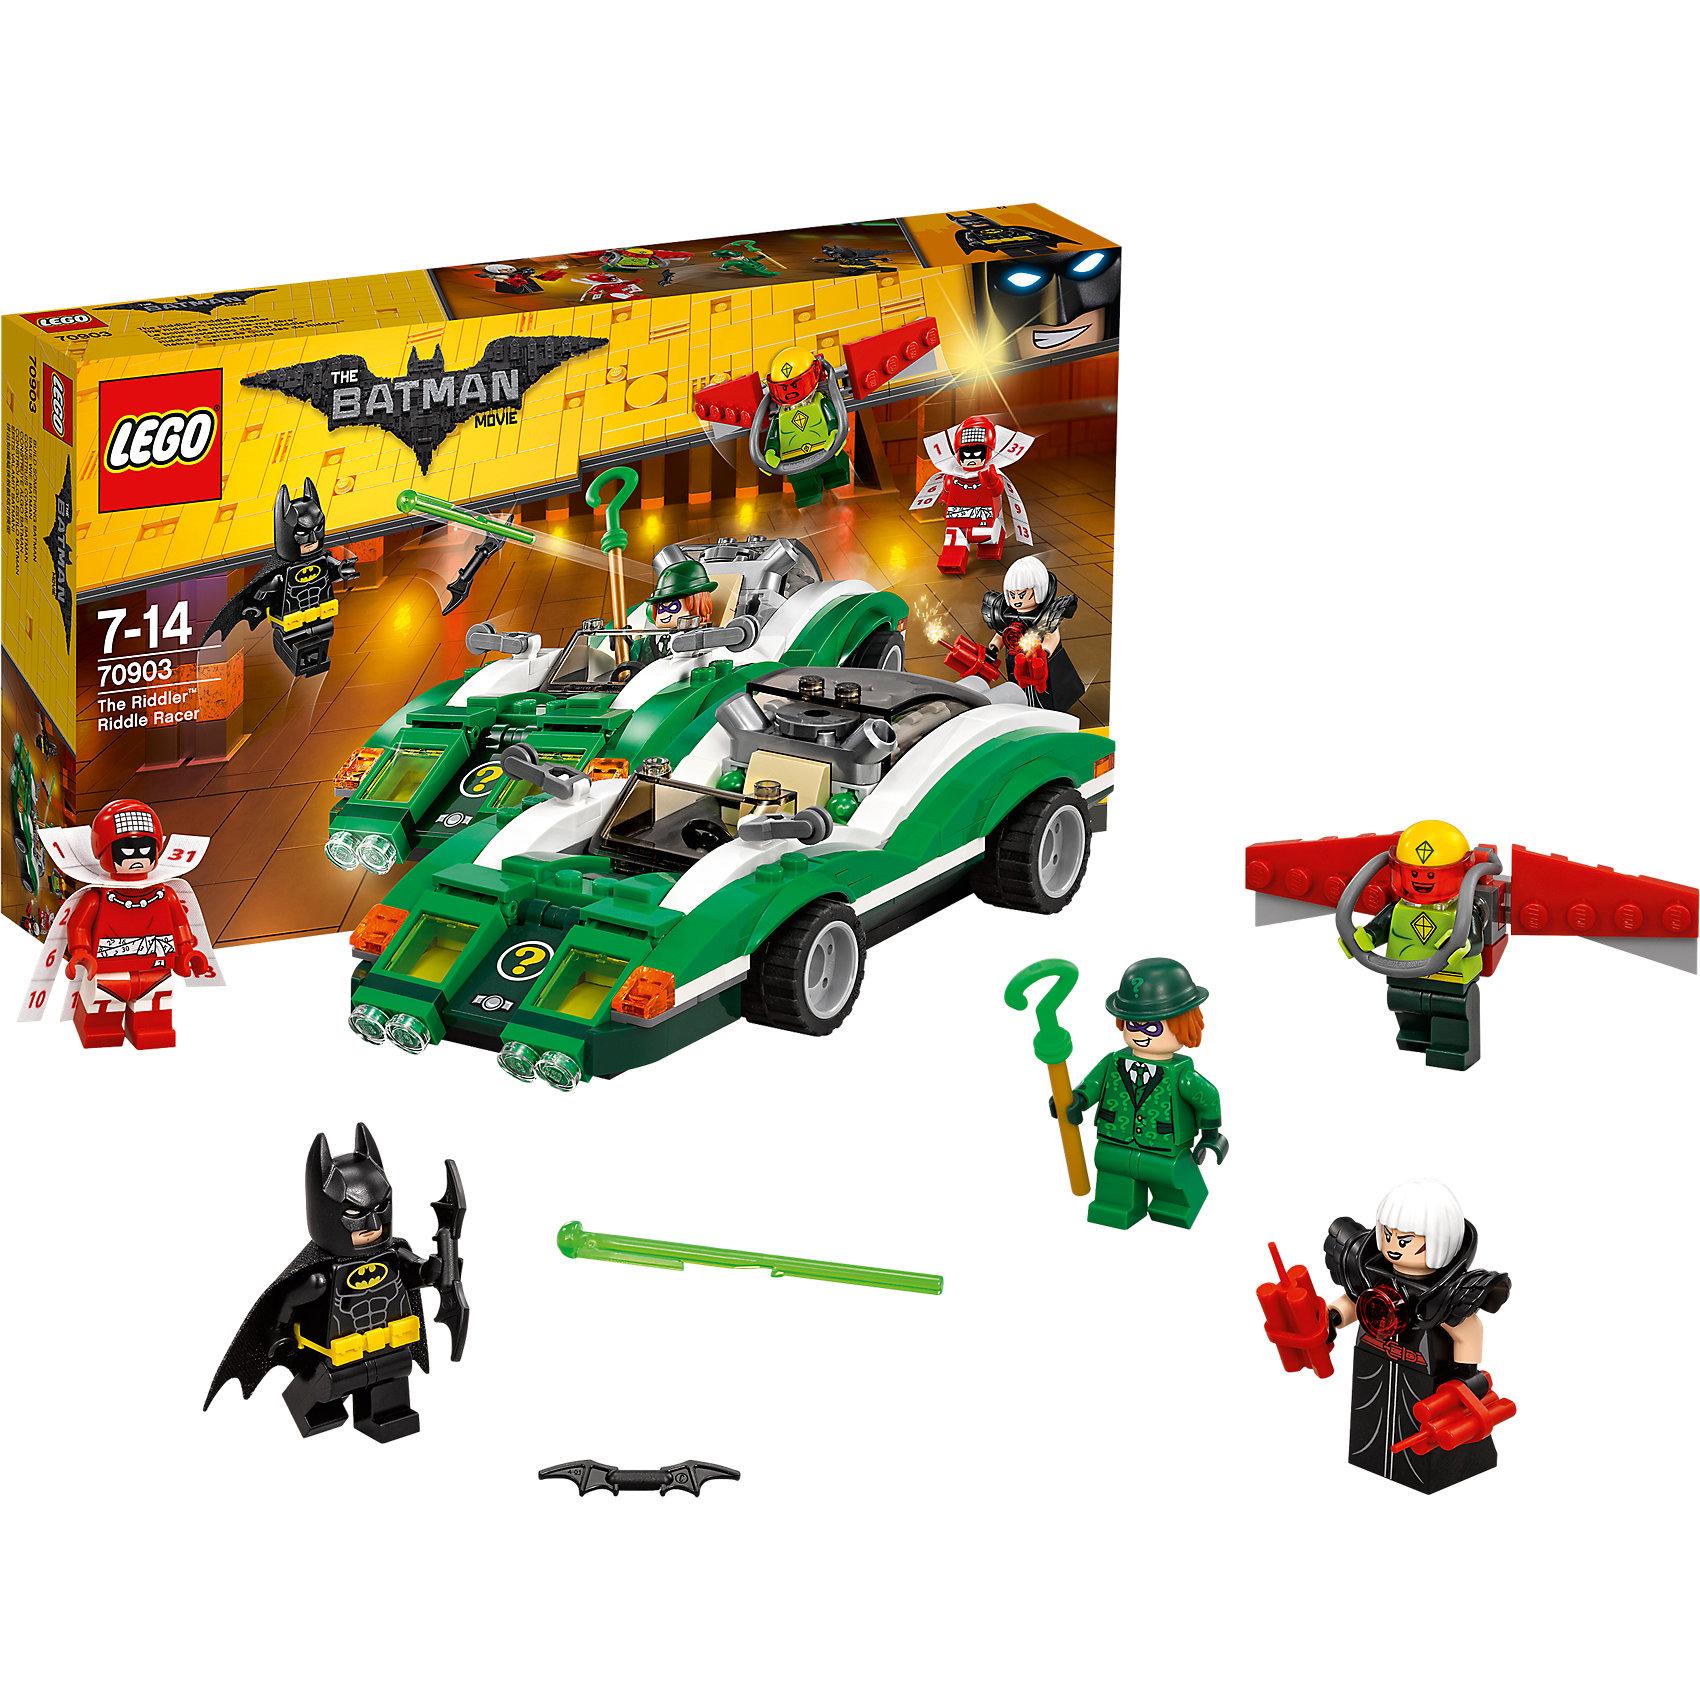 LEGO Batman Movie 70903: Гоночный автомобиль ЗагадочникаПластмассовые конструкторы<br>LEGO Batman Movie 70903: Гоночный автомобиль Загадочника<br><br>Характеристики:<br><br>- в набор входит: детали автомобиля, 5 минифигурок, аксессуары, красочная инструкция<br>- минифигурки набора: Бэтмен, Загадочник, Человек-календарь, Кайтмен, Сорока<br>- состав: пластик<br>- количество деталей: 254 <br>- размер упаковки: 35 * 5 * 19 см. <br>- размер автомобиля: 18 * 3 * 7 см.<br>- примерное время сборки: 30 мин.<br>- для детей в возрасте: от 7 до 14 лет<br>- Страна производитель: Дания/Китай/Чехия<br><br>Легендарный конструктор LEGO (ЛЕГО) представляет серию «Batman Movie» (Бэтмен Муви) по сюжету одноименного лего мультфильма. Серия понравится любителям комиксов DC и историй о Бэтмене. <br><br>Сразу четыре злодея выступают против Бэтмена в этом наборе. Загадочник в своем зеленом костюме и шляпе скрывает свое лицо под маской, он совершает свои преступления в автомобиле. Кайтмен, или человек-летучий змей уже парит в воздухе. Сорока надела свой самый устрашающий костюм с высоким воротником и наплечниками и начала поджигать запалы динамитов, и даже Человек-календарь не выглядит дружелюбно. <br><br>Все фигурки отлично проработаны и у них есть два выражения лица. Бэтмен представлен в своем классическом черном костюме с черной маской, плащом из ткани и съемным желтым поясом, вооружен бэтарангом. <br><br>Автомобиль Загадочника оснащен пружинной ракетой, которая вылетает с помощью механизма. Под капотом спрятаны еще две пушки. Сможет ли Бэтмен остановить сразу всех преступников? Помоги Бэтмену восстановить порядок в Готем-сити вместе с набором серии «Batman Movie»<br><br>Конструктор LEGO Batman Movie 70903: Гоночный автомобиль Загадочника можно купить в нашем интернет-магазине.<br><br>Ширина мм: 353<br>Глубина мм: 192<br>Высота мм: 66<br>Вес г: 384<br>Возраст от месяцев: 84<br>Возраст до месяцев: 168<br>Пол: Мужской<br>Возраст: Детский<br>SKU: 5002400